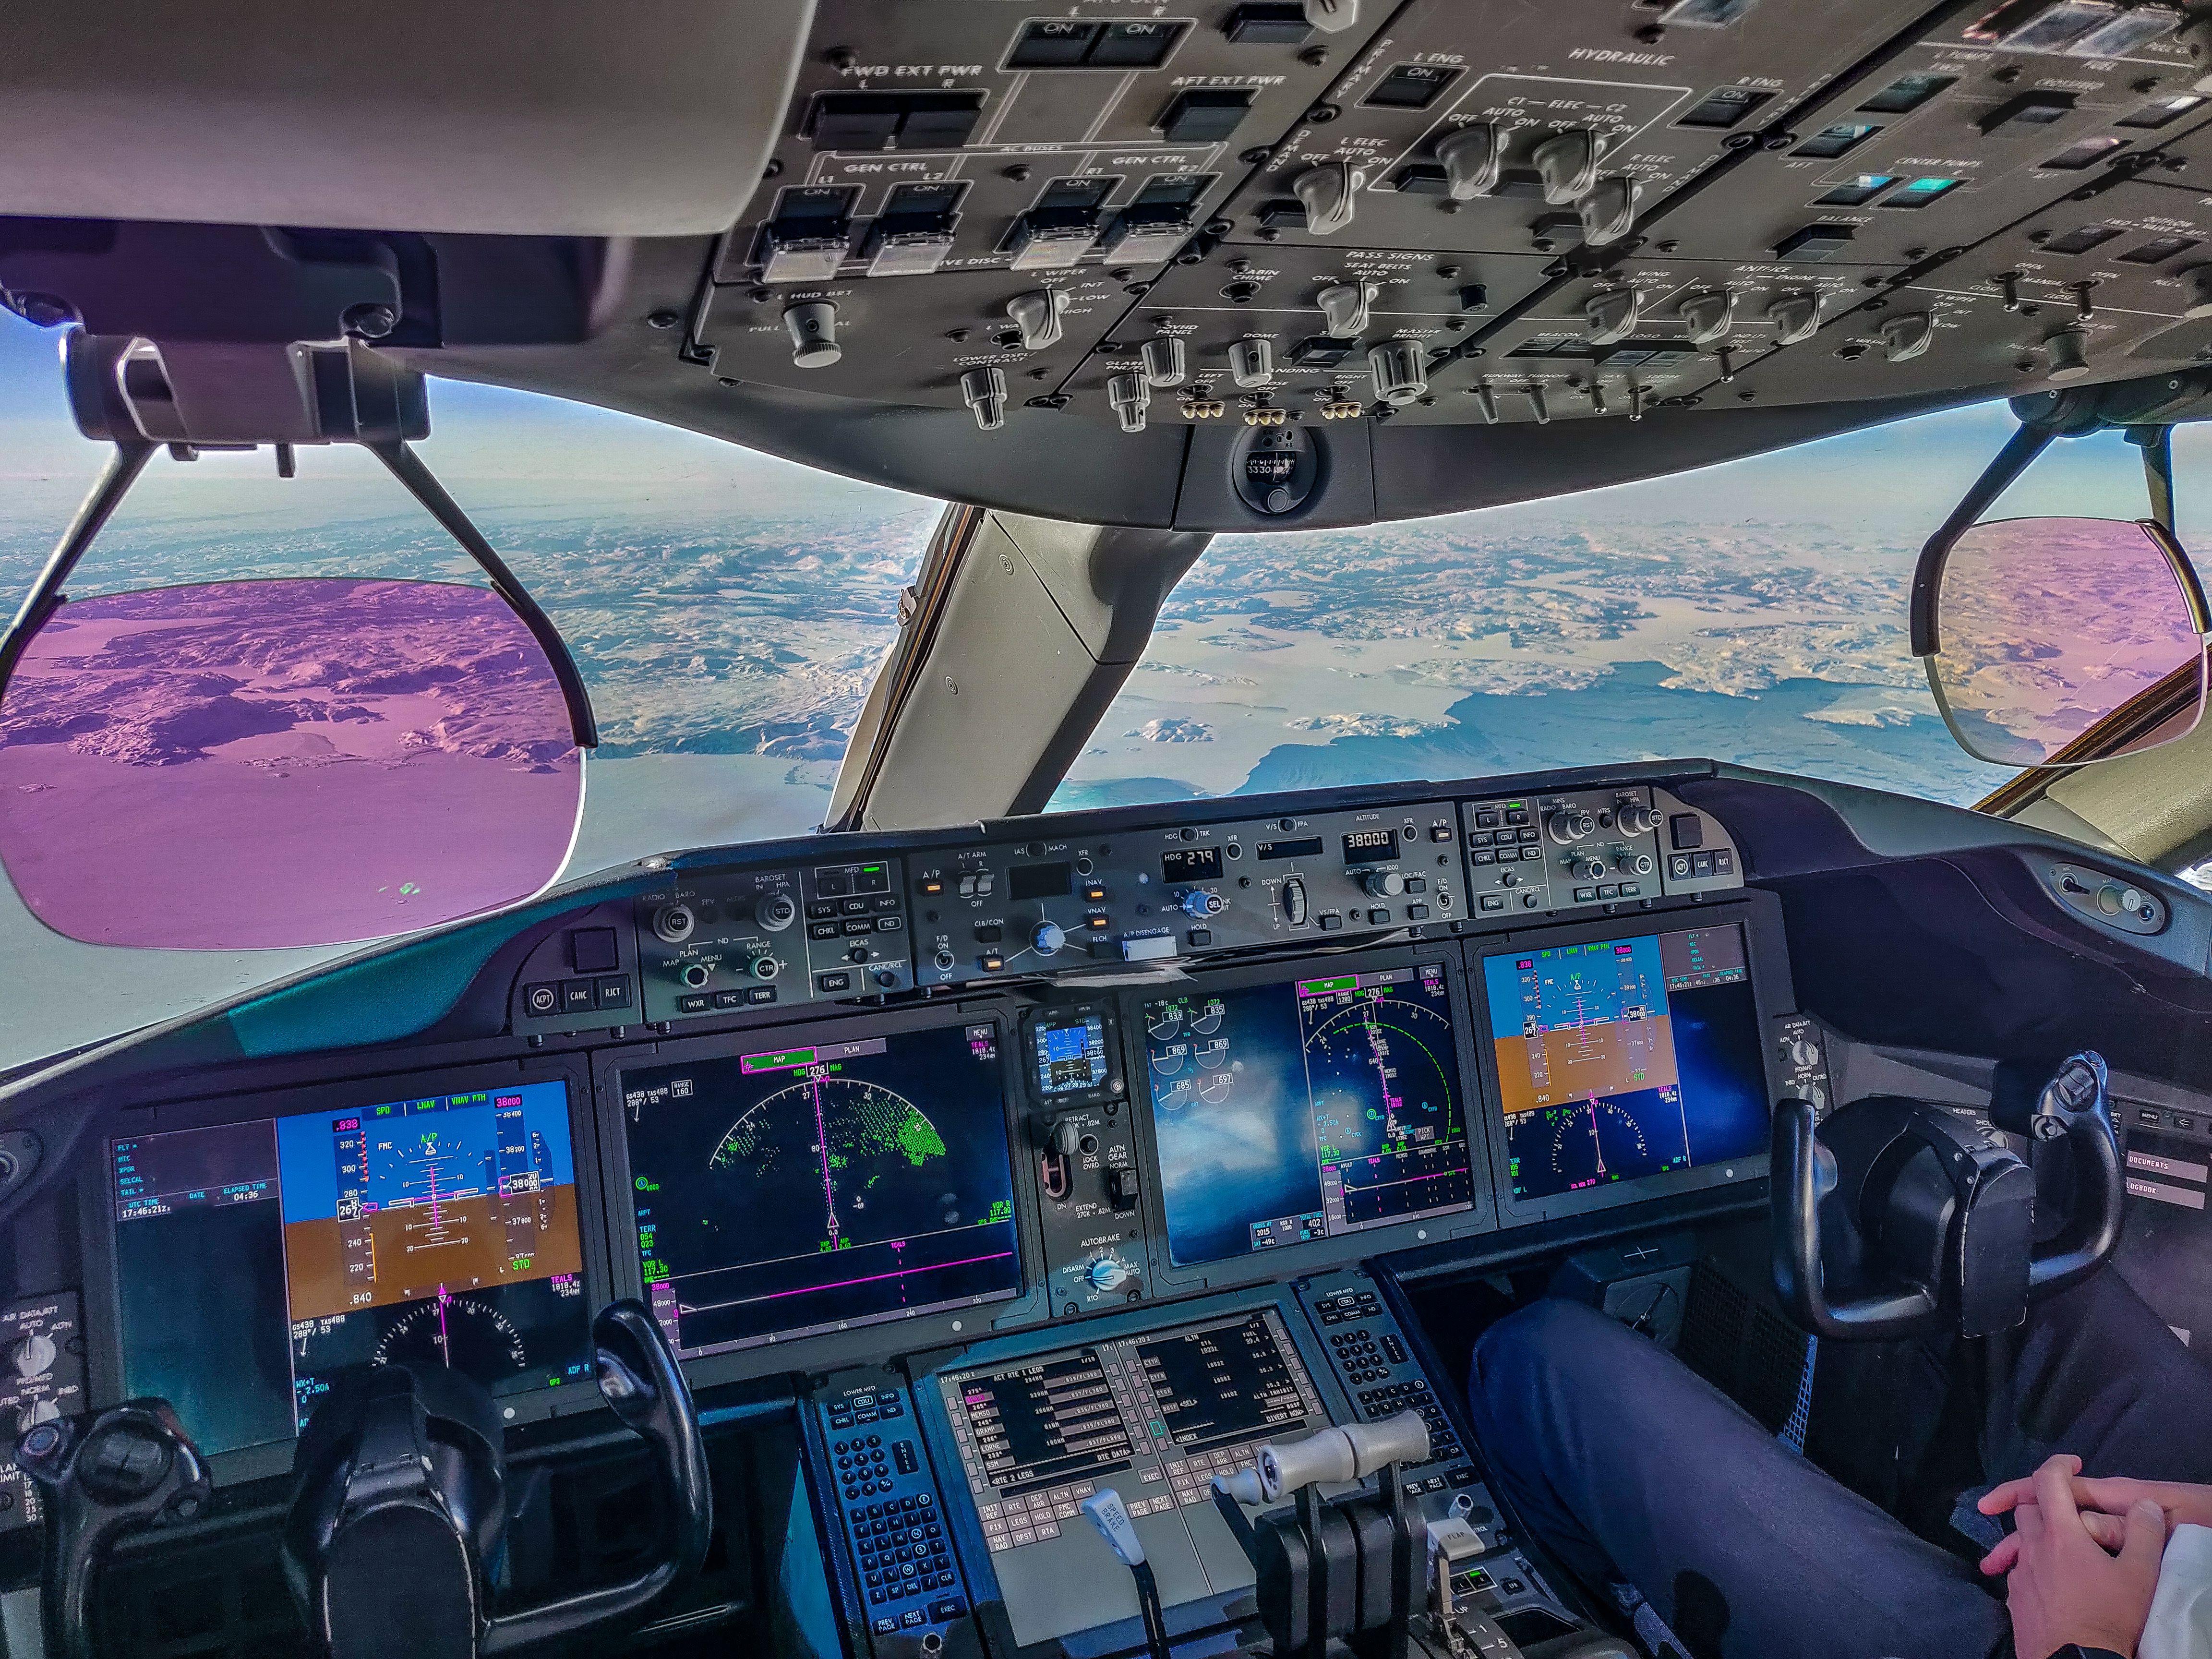 pilot turbulence safety